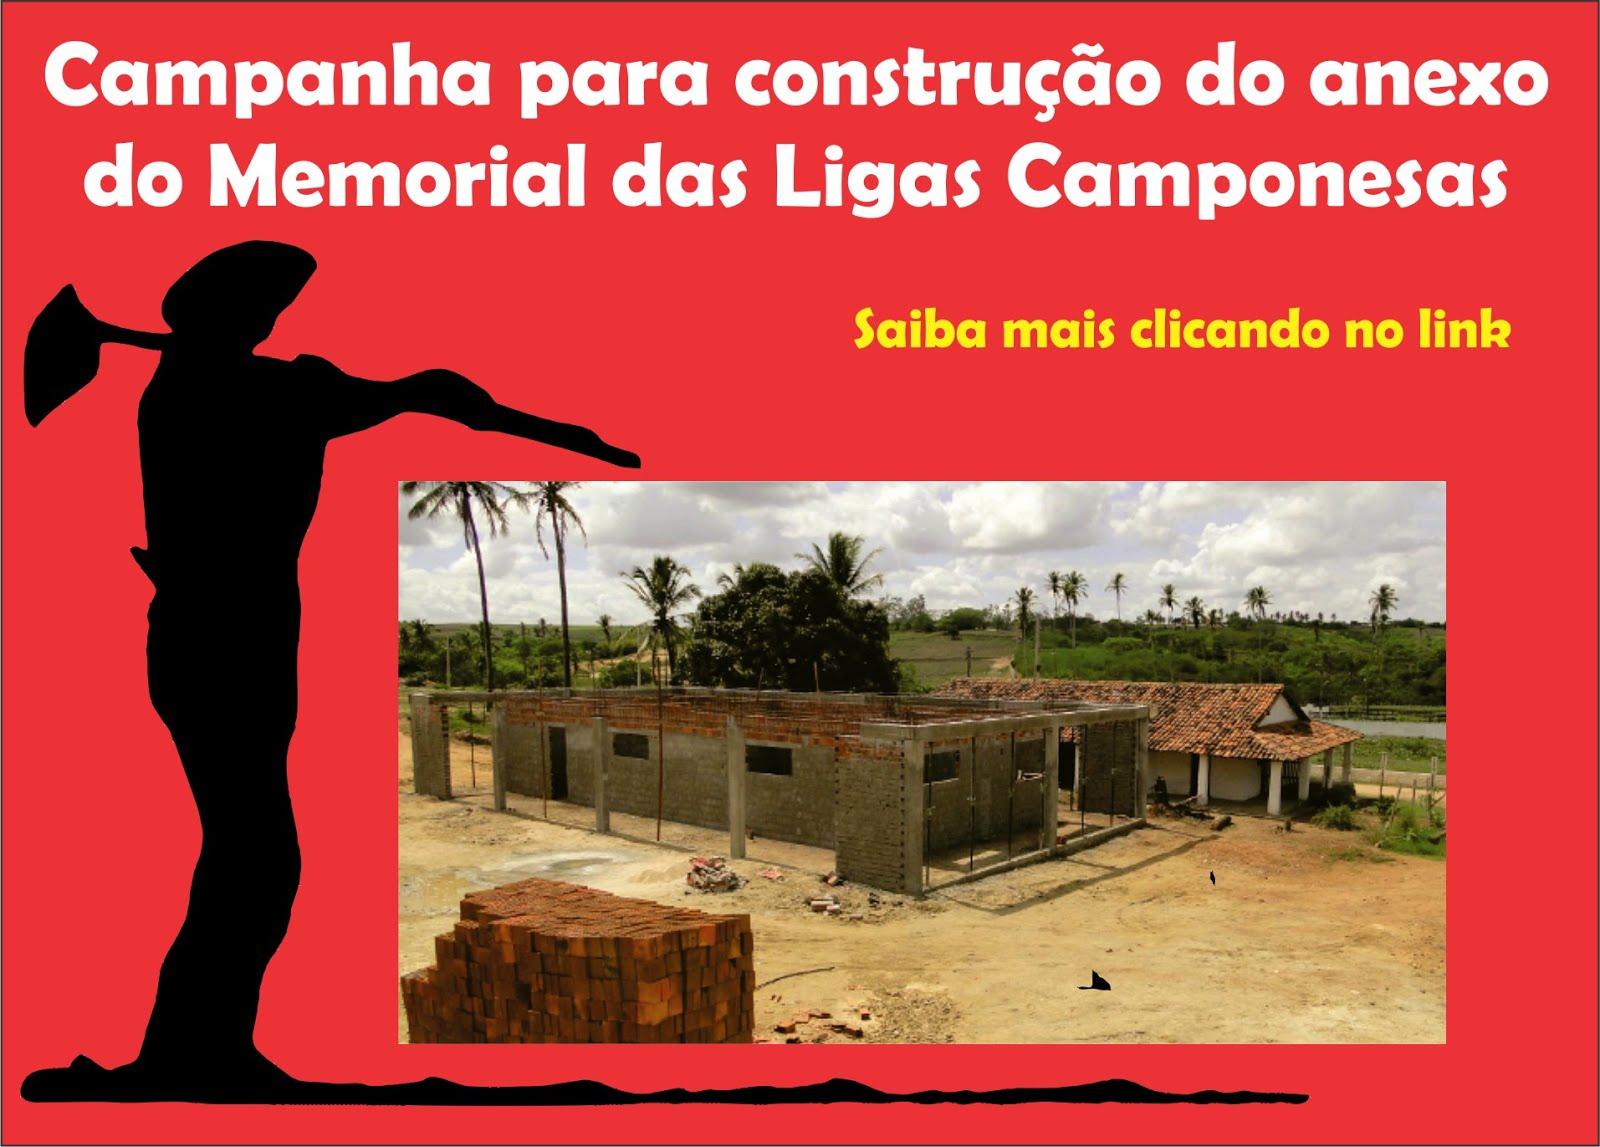 Campanha para construção do anexo do Memorial das Ligas Camponesas